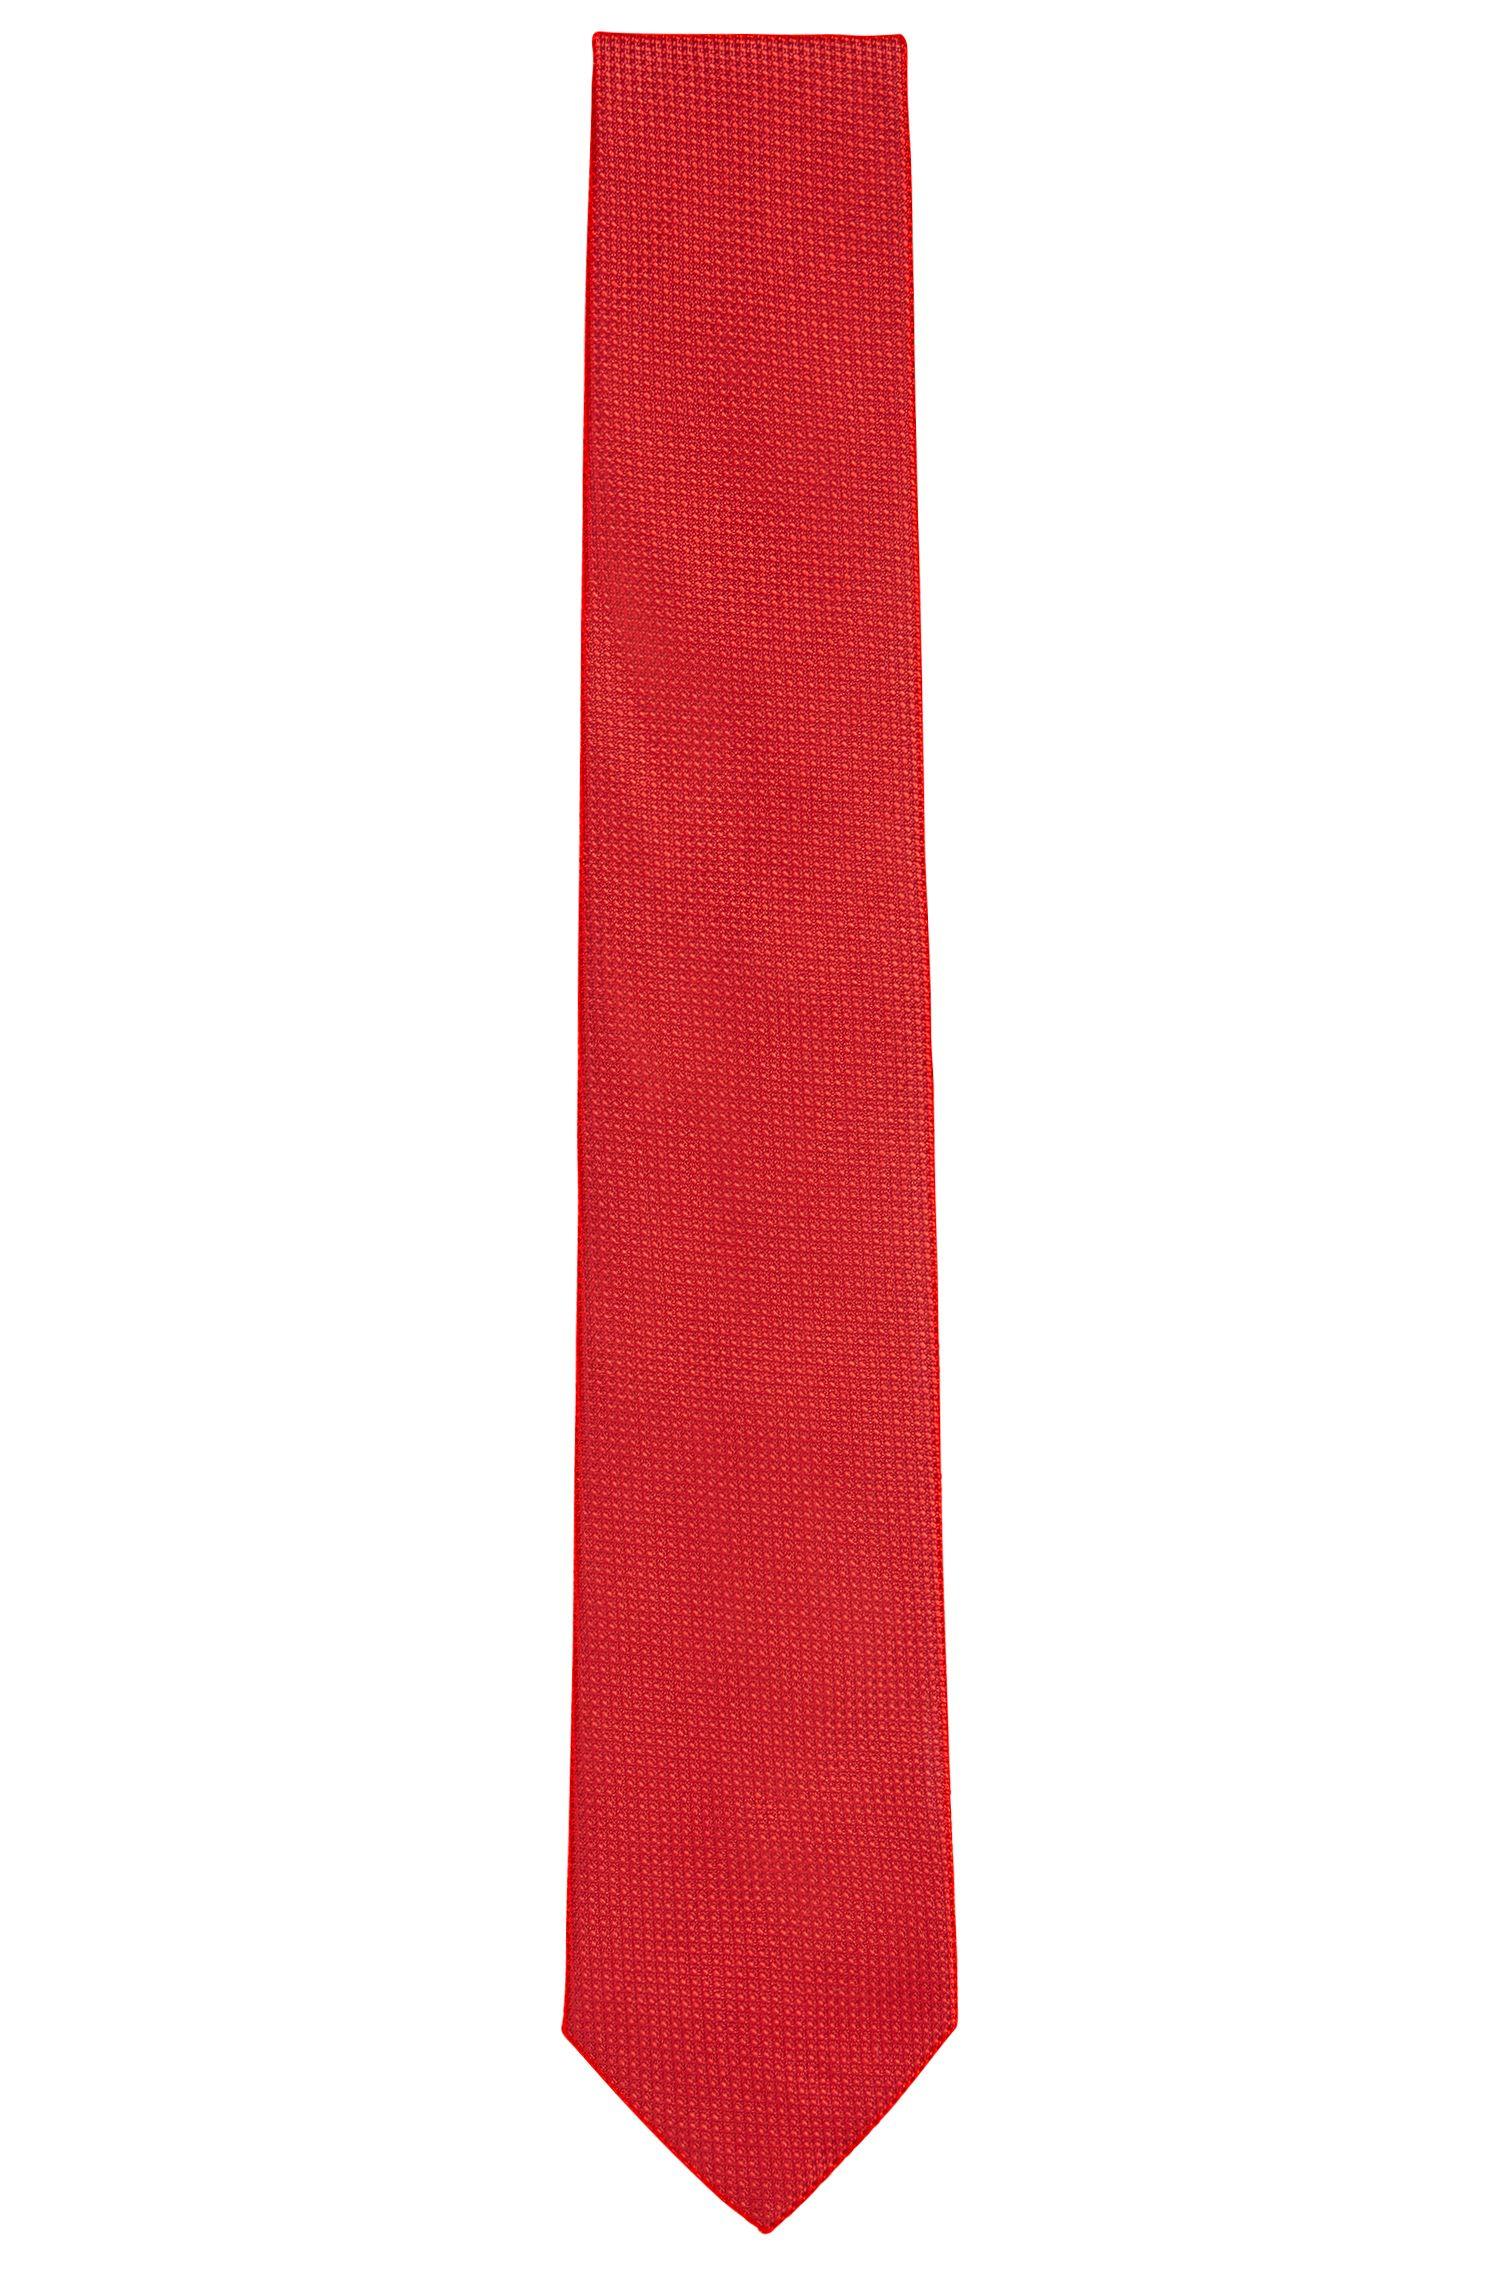 Embroidered Silk Tie, Regular | Tie 7.5 cm